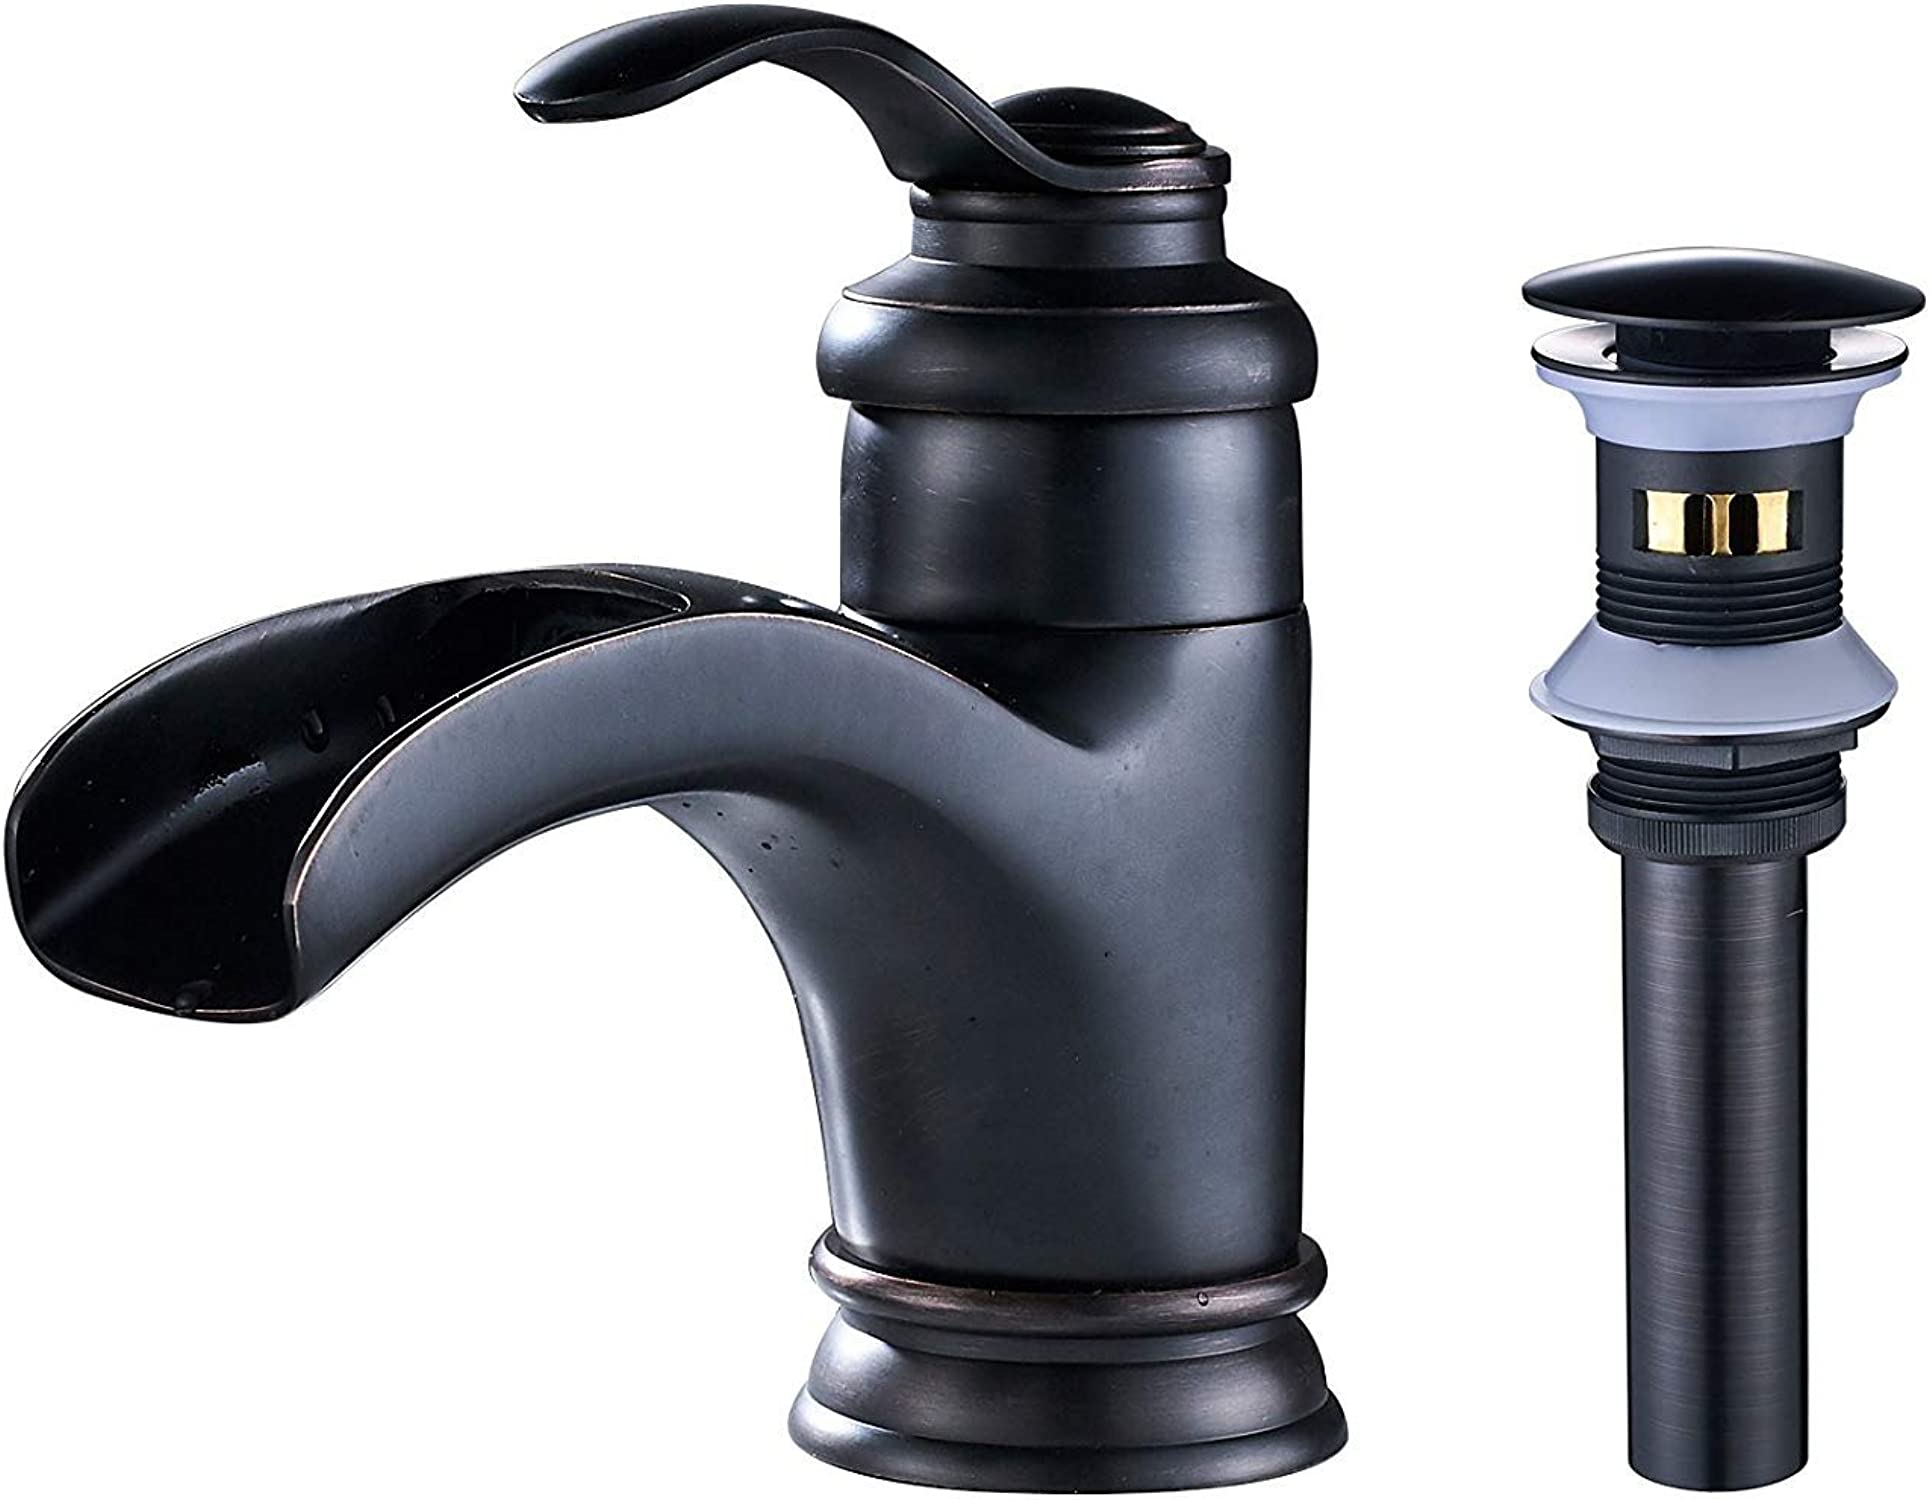 perfecto MGADERO Grifo de Lavabo Bao Bao Bao Grifo para Fregadero Cocina Mezclador Cascada Grifo lavabo de descarga con una sola palanca emergente bronce frojoado aceite de drenaje  alta calidad y envío rápido